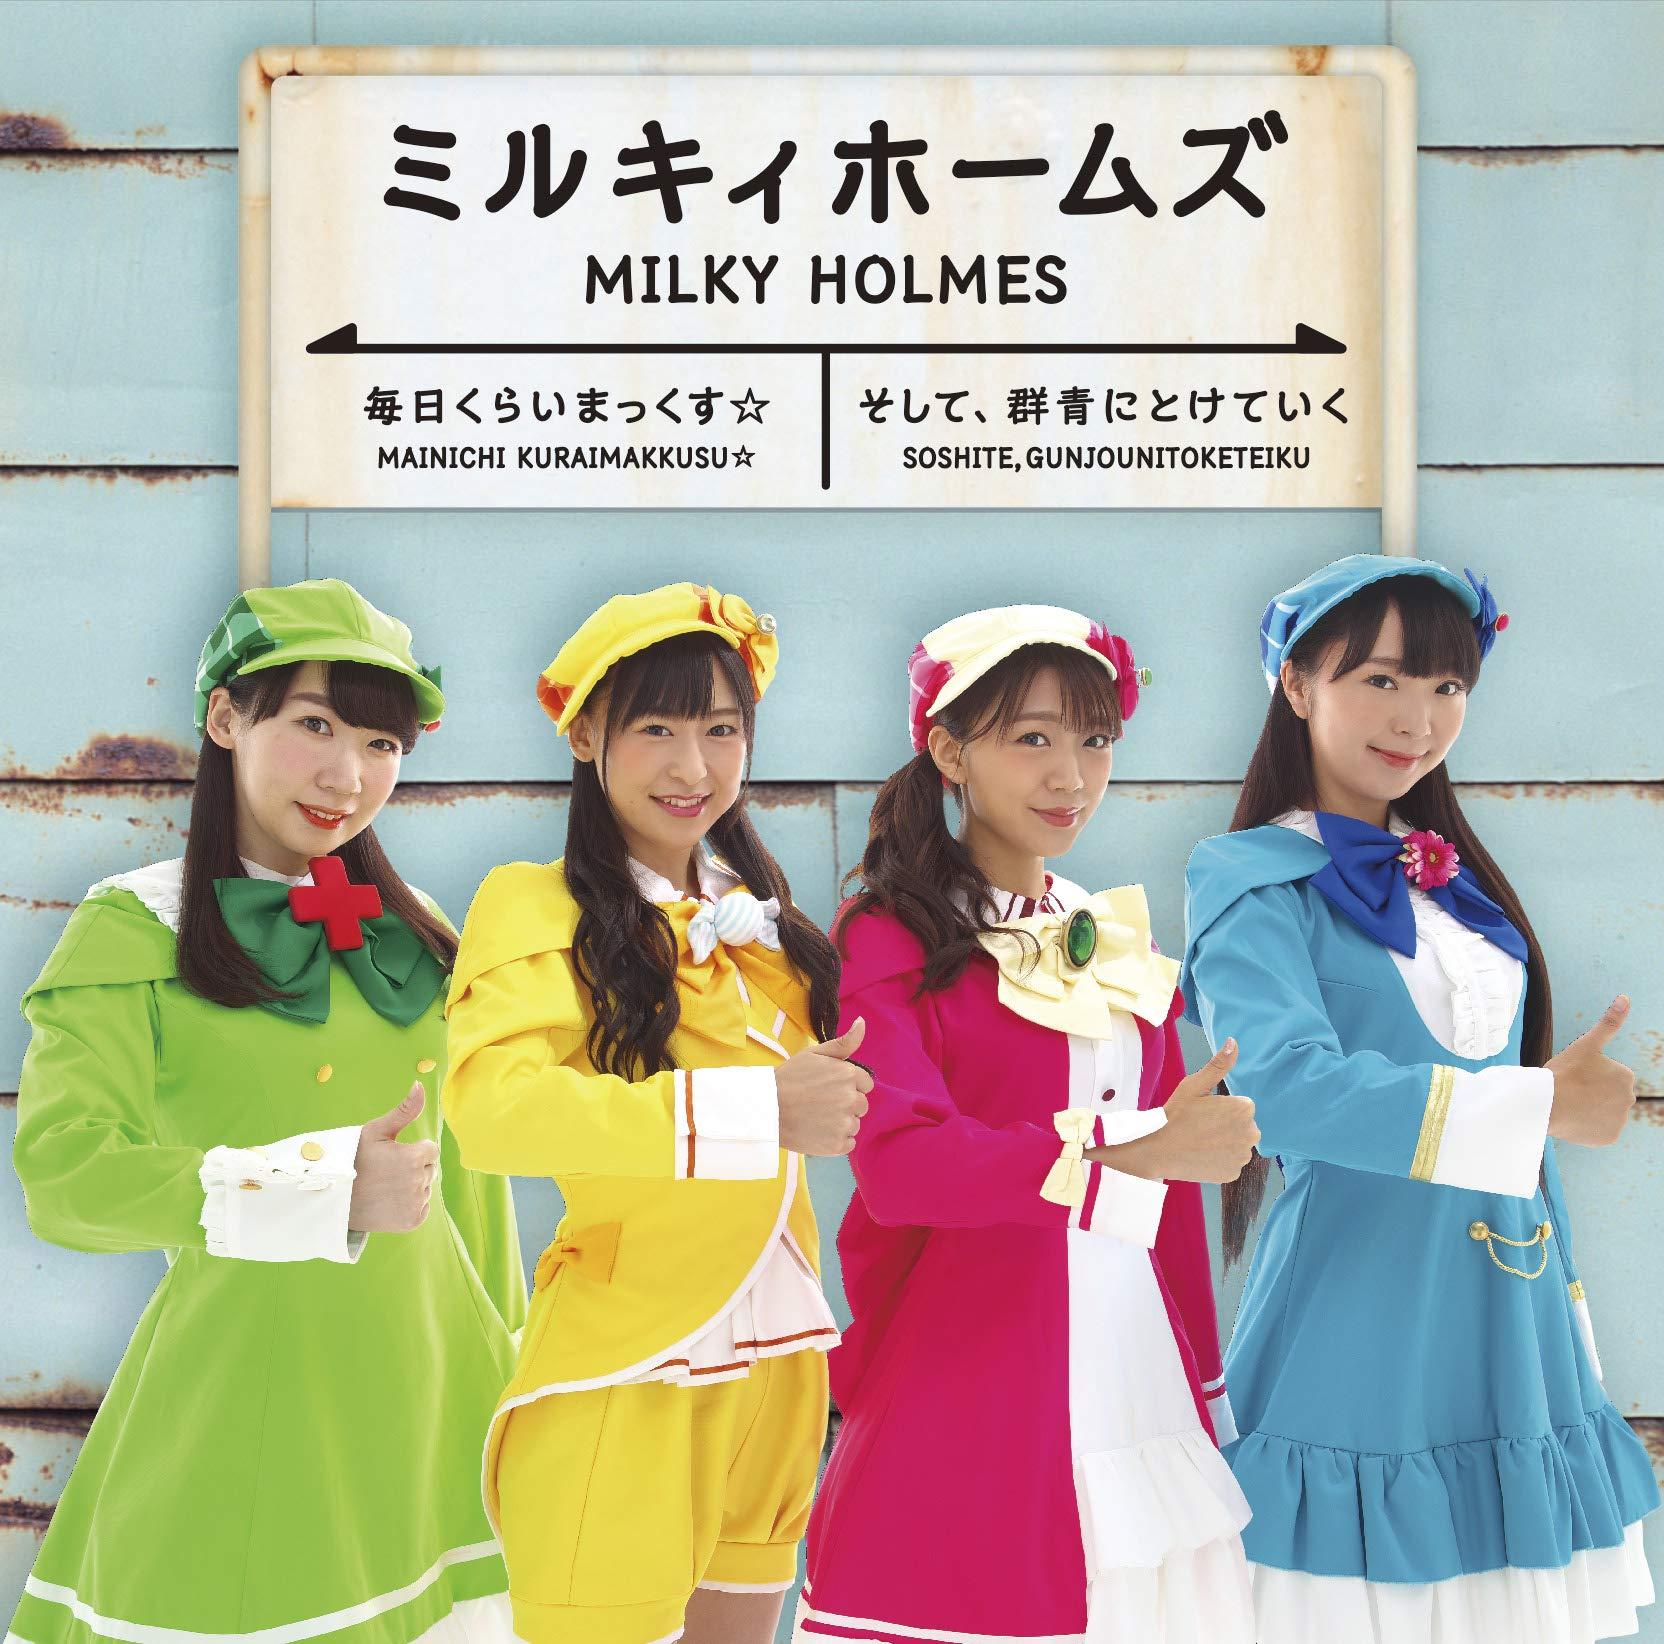 【Amazon.co.jp限定】毎日くらいまっくす☆/そして、群青にとけていく(Blu-ray付き初回限定盤)(デカジャケット・初回限定盤バージョン付き)